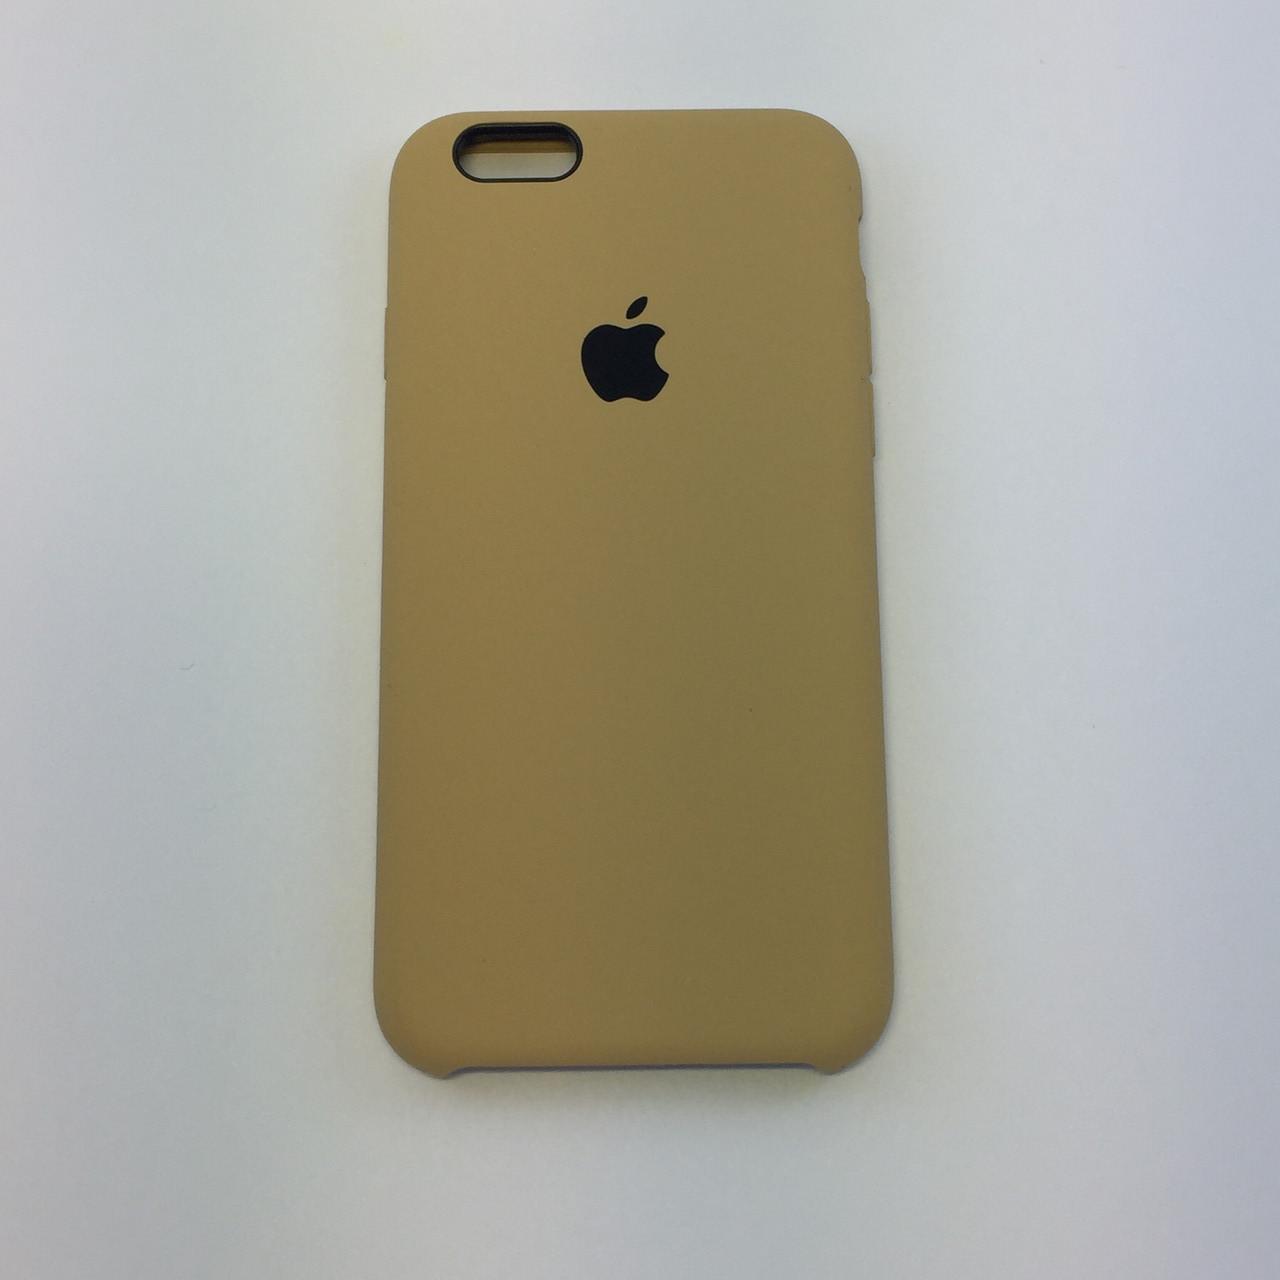 Силиконовый чехол iPhone 8 Plus, gold, copy original